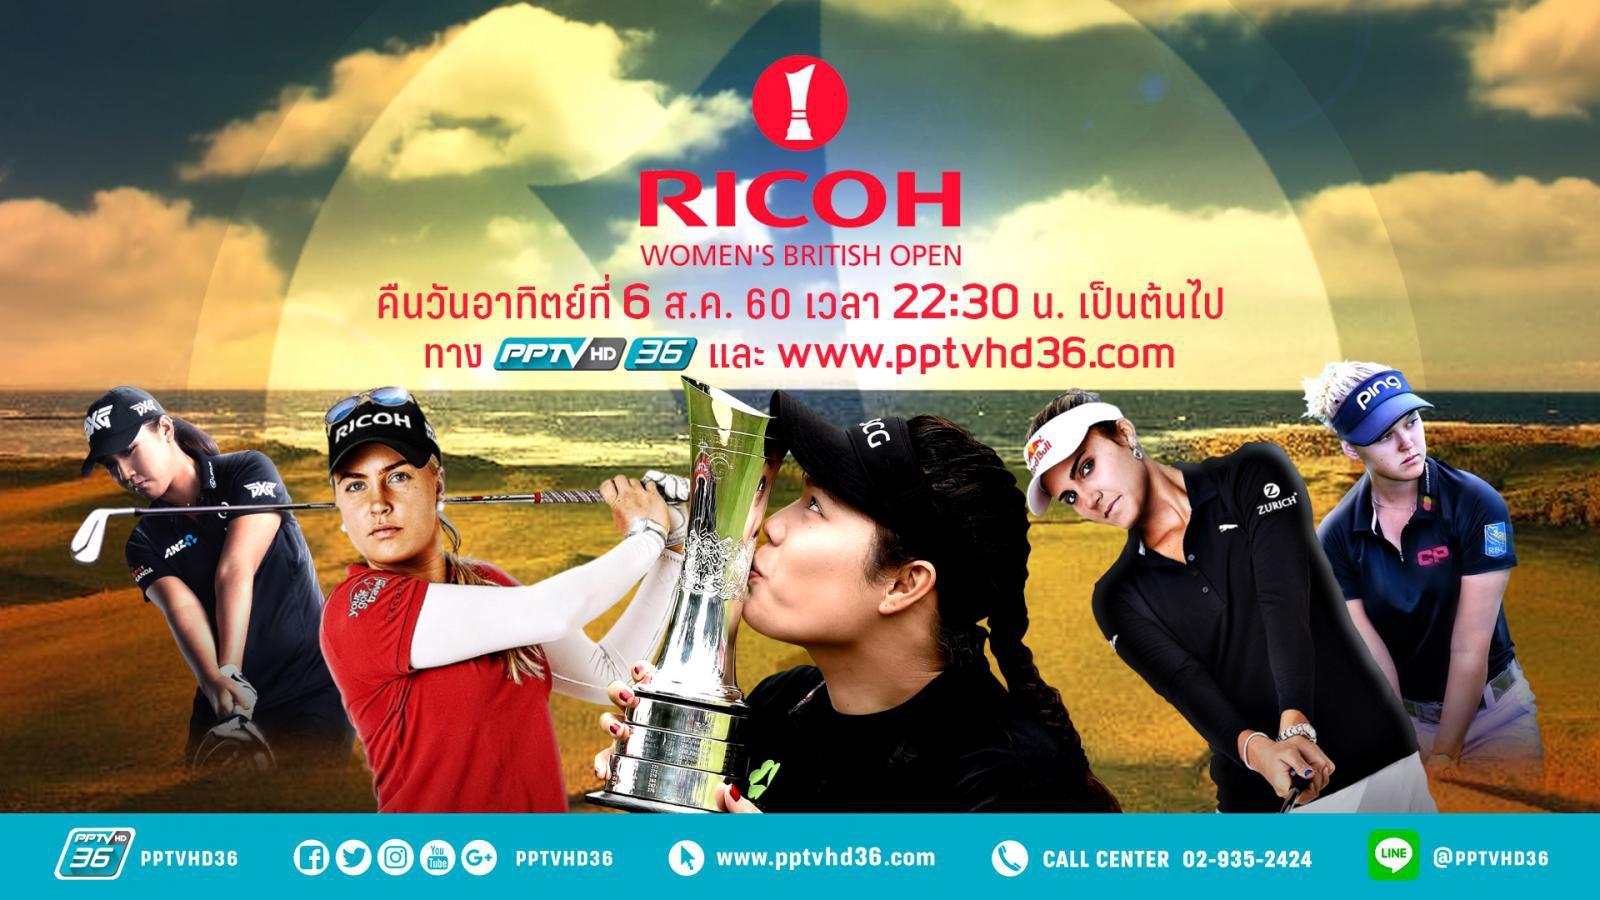 """พีพีทีวี ชวนลุ้น โปรกอล์ฟสาวไทยใน """"วีเมน บริติช โอเพ่น 2017"""""""